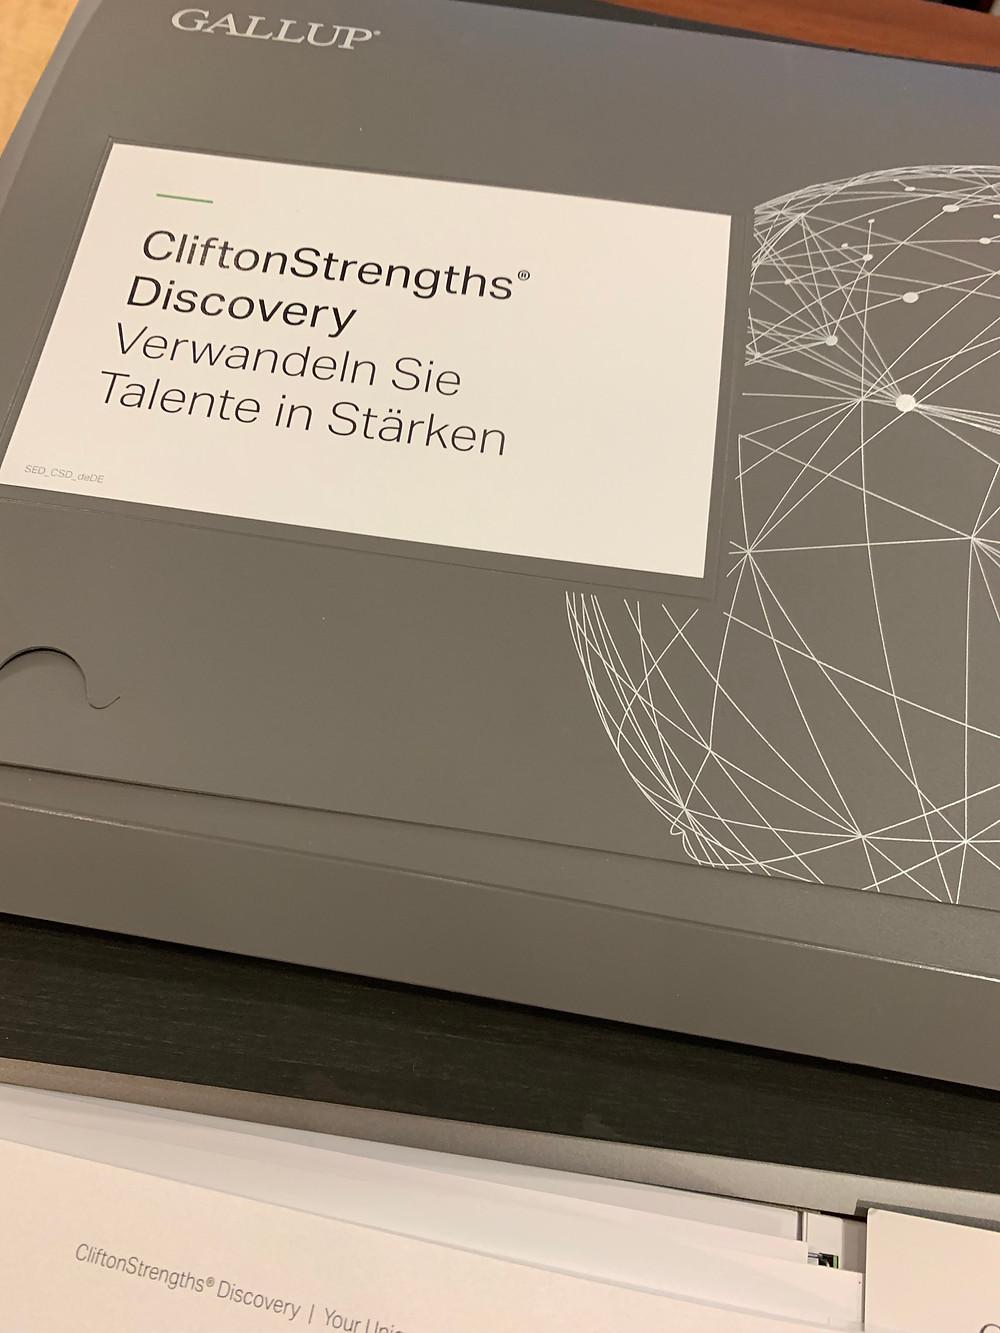 CliftonStrenths® Discovery - Verwandeln Sie Talente in Stärken